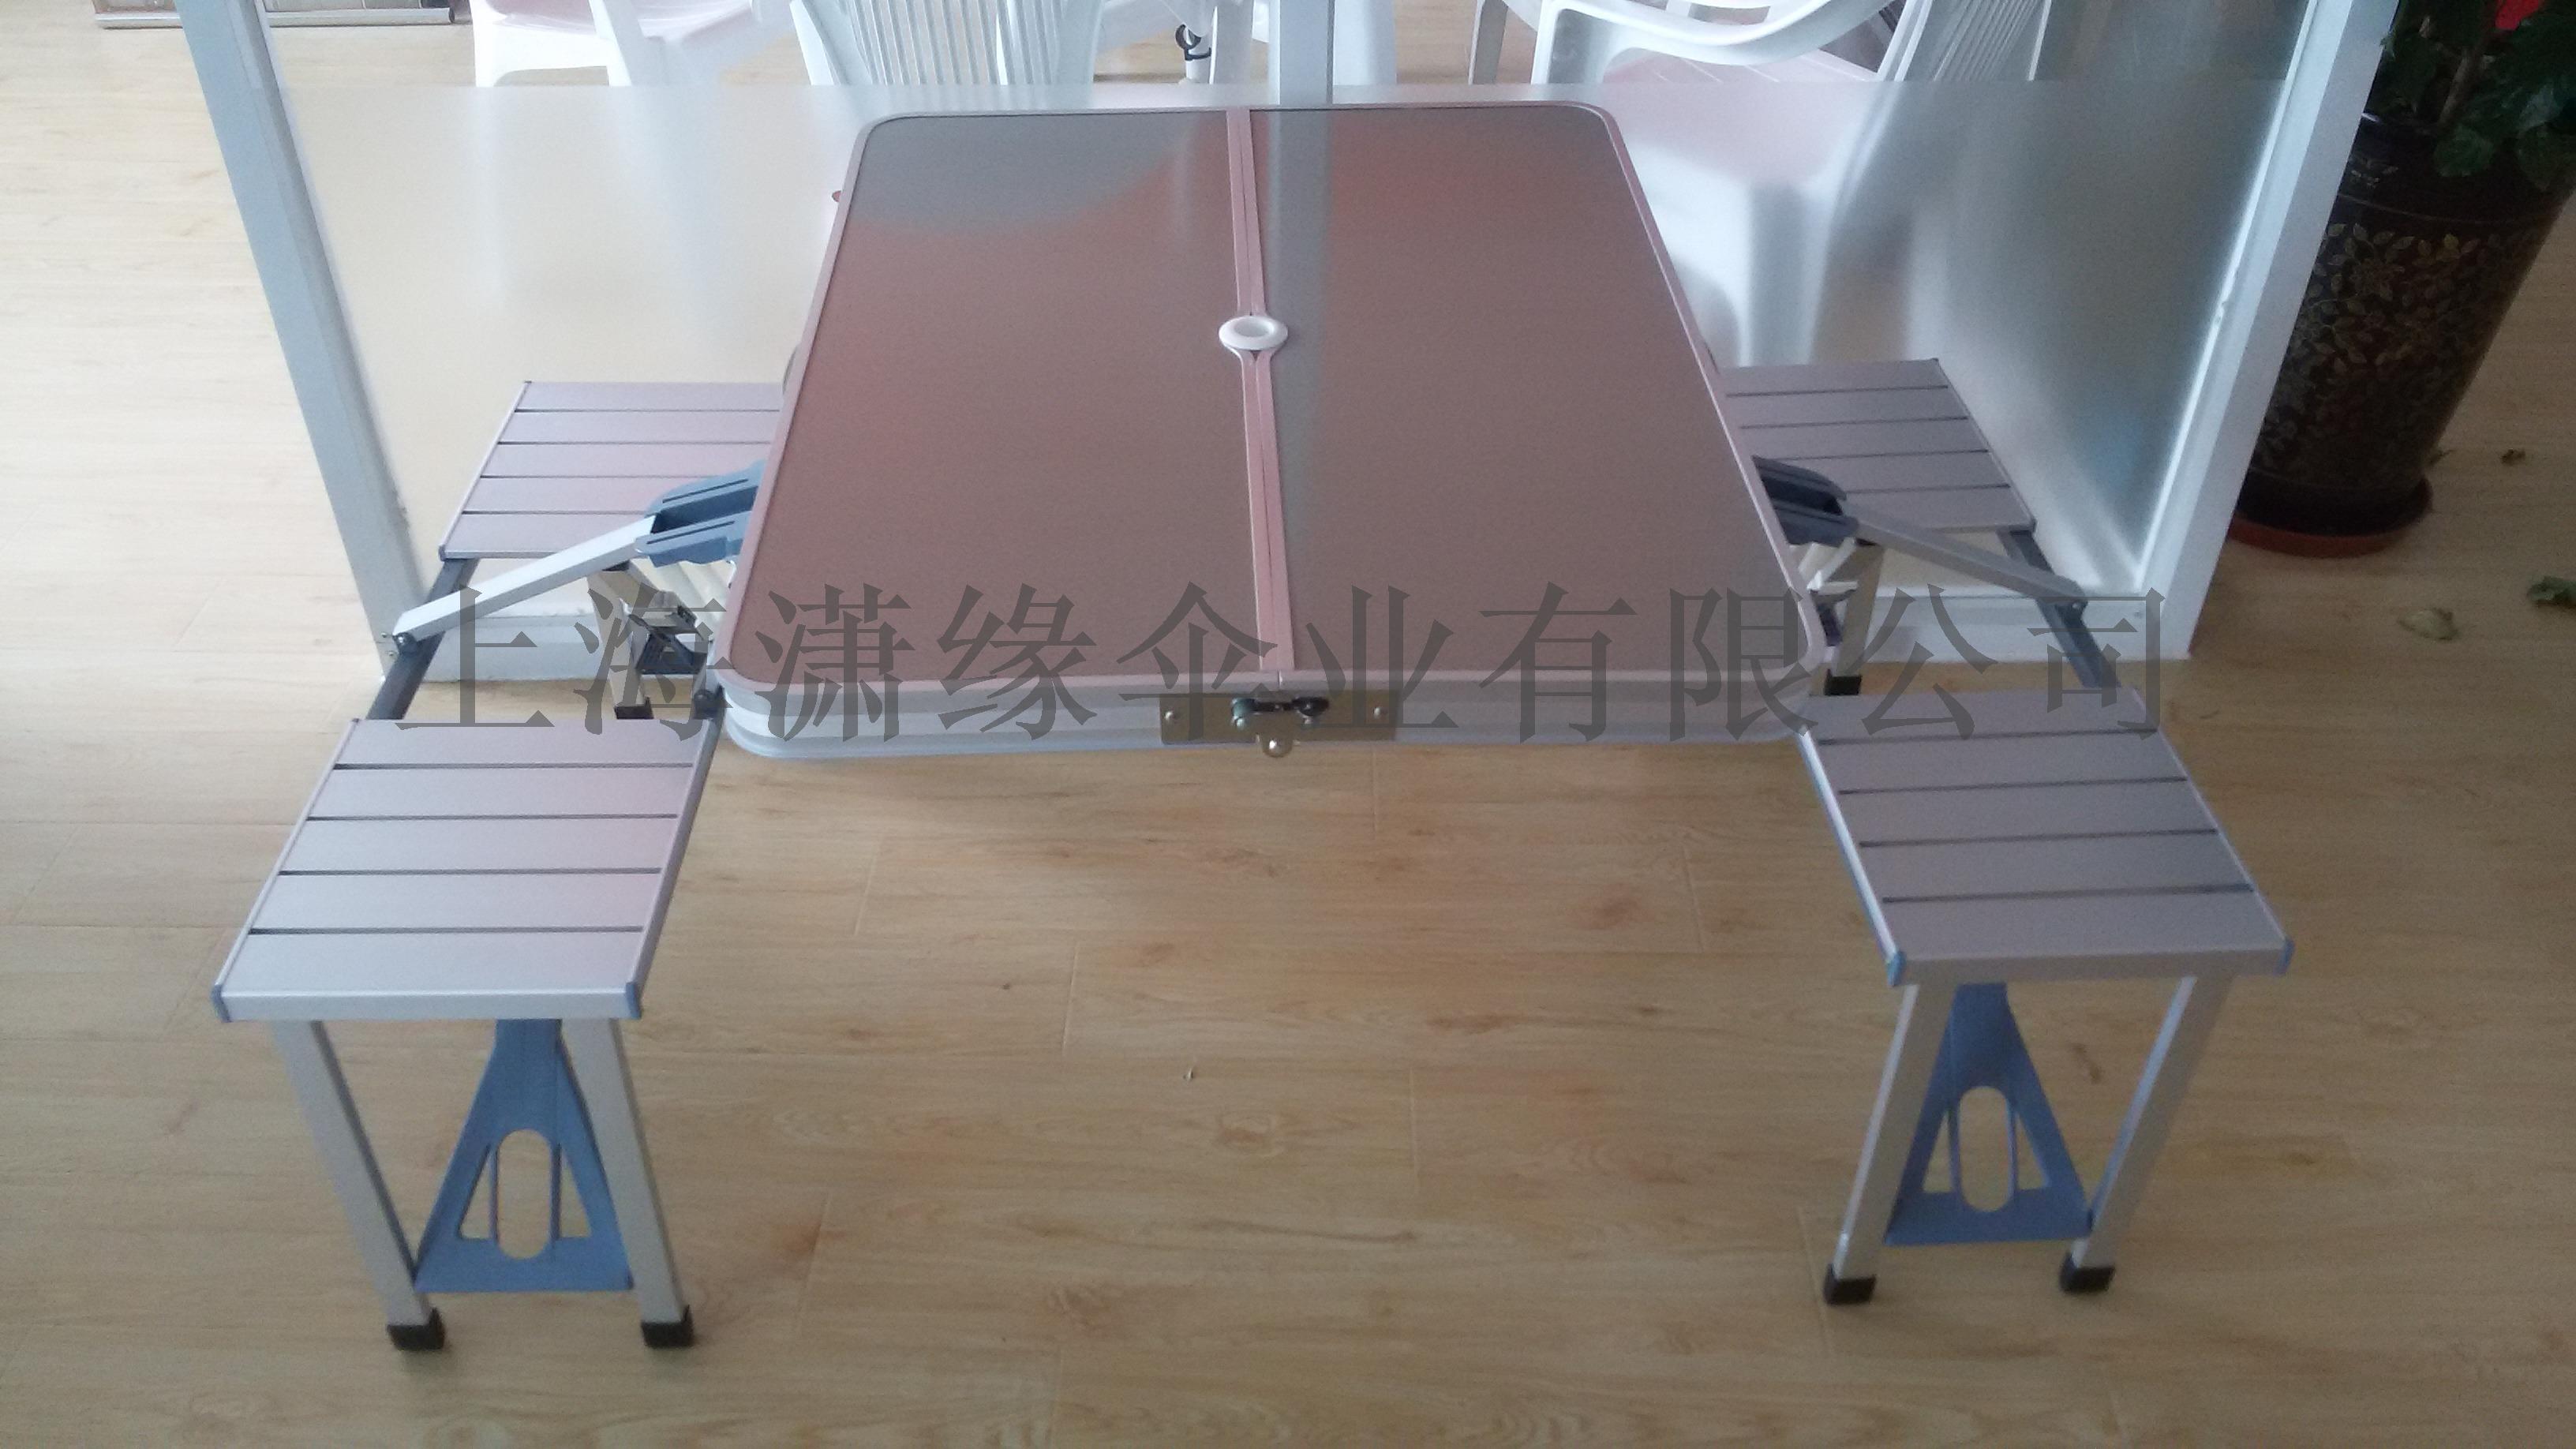 铝合金连体折叠桌便携式休闲野餐摆摊桌可折叠桌椅118434082